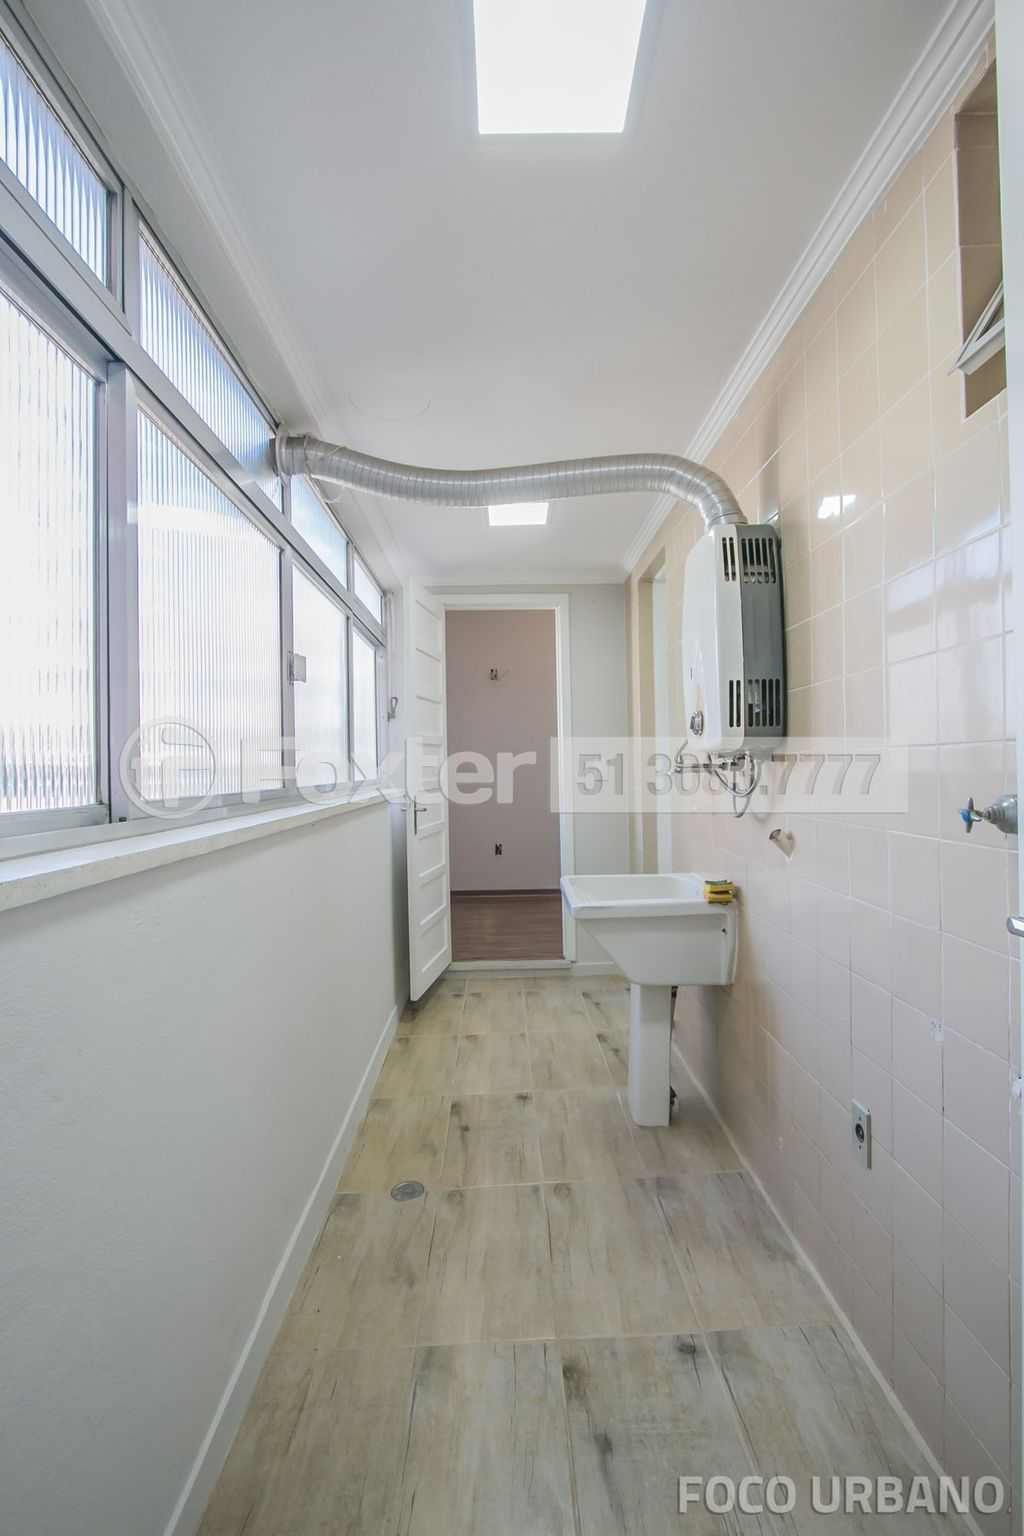 Foxter Imobiliária - Apto 2 Dorm, Centro, Canoas - Foto 12